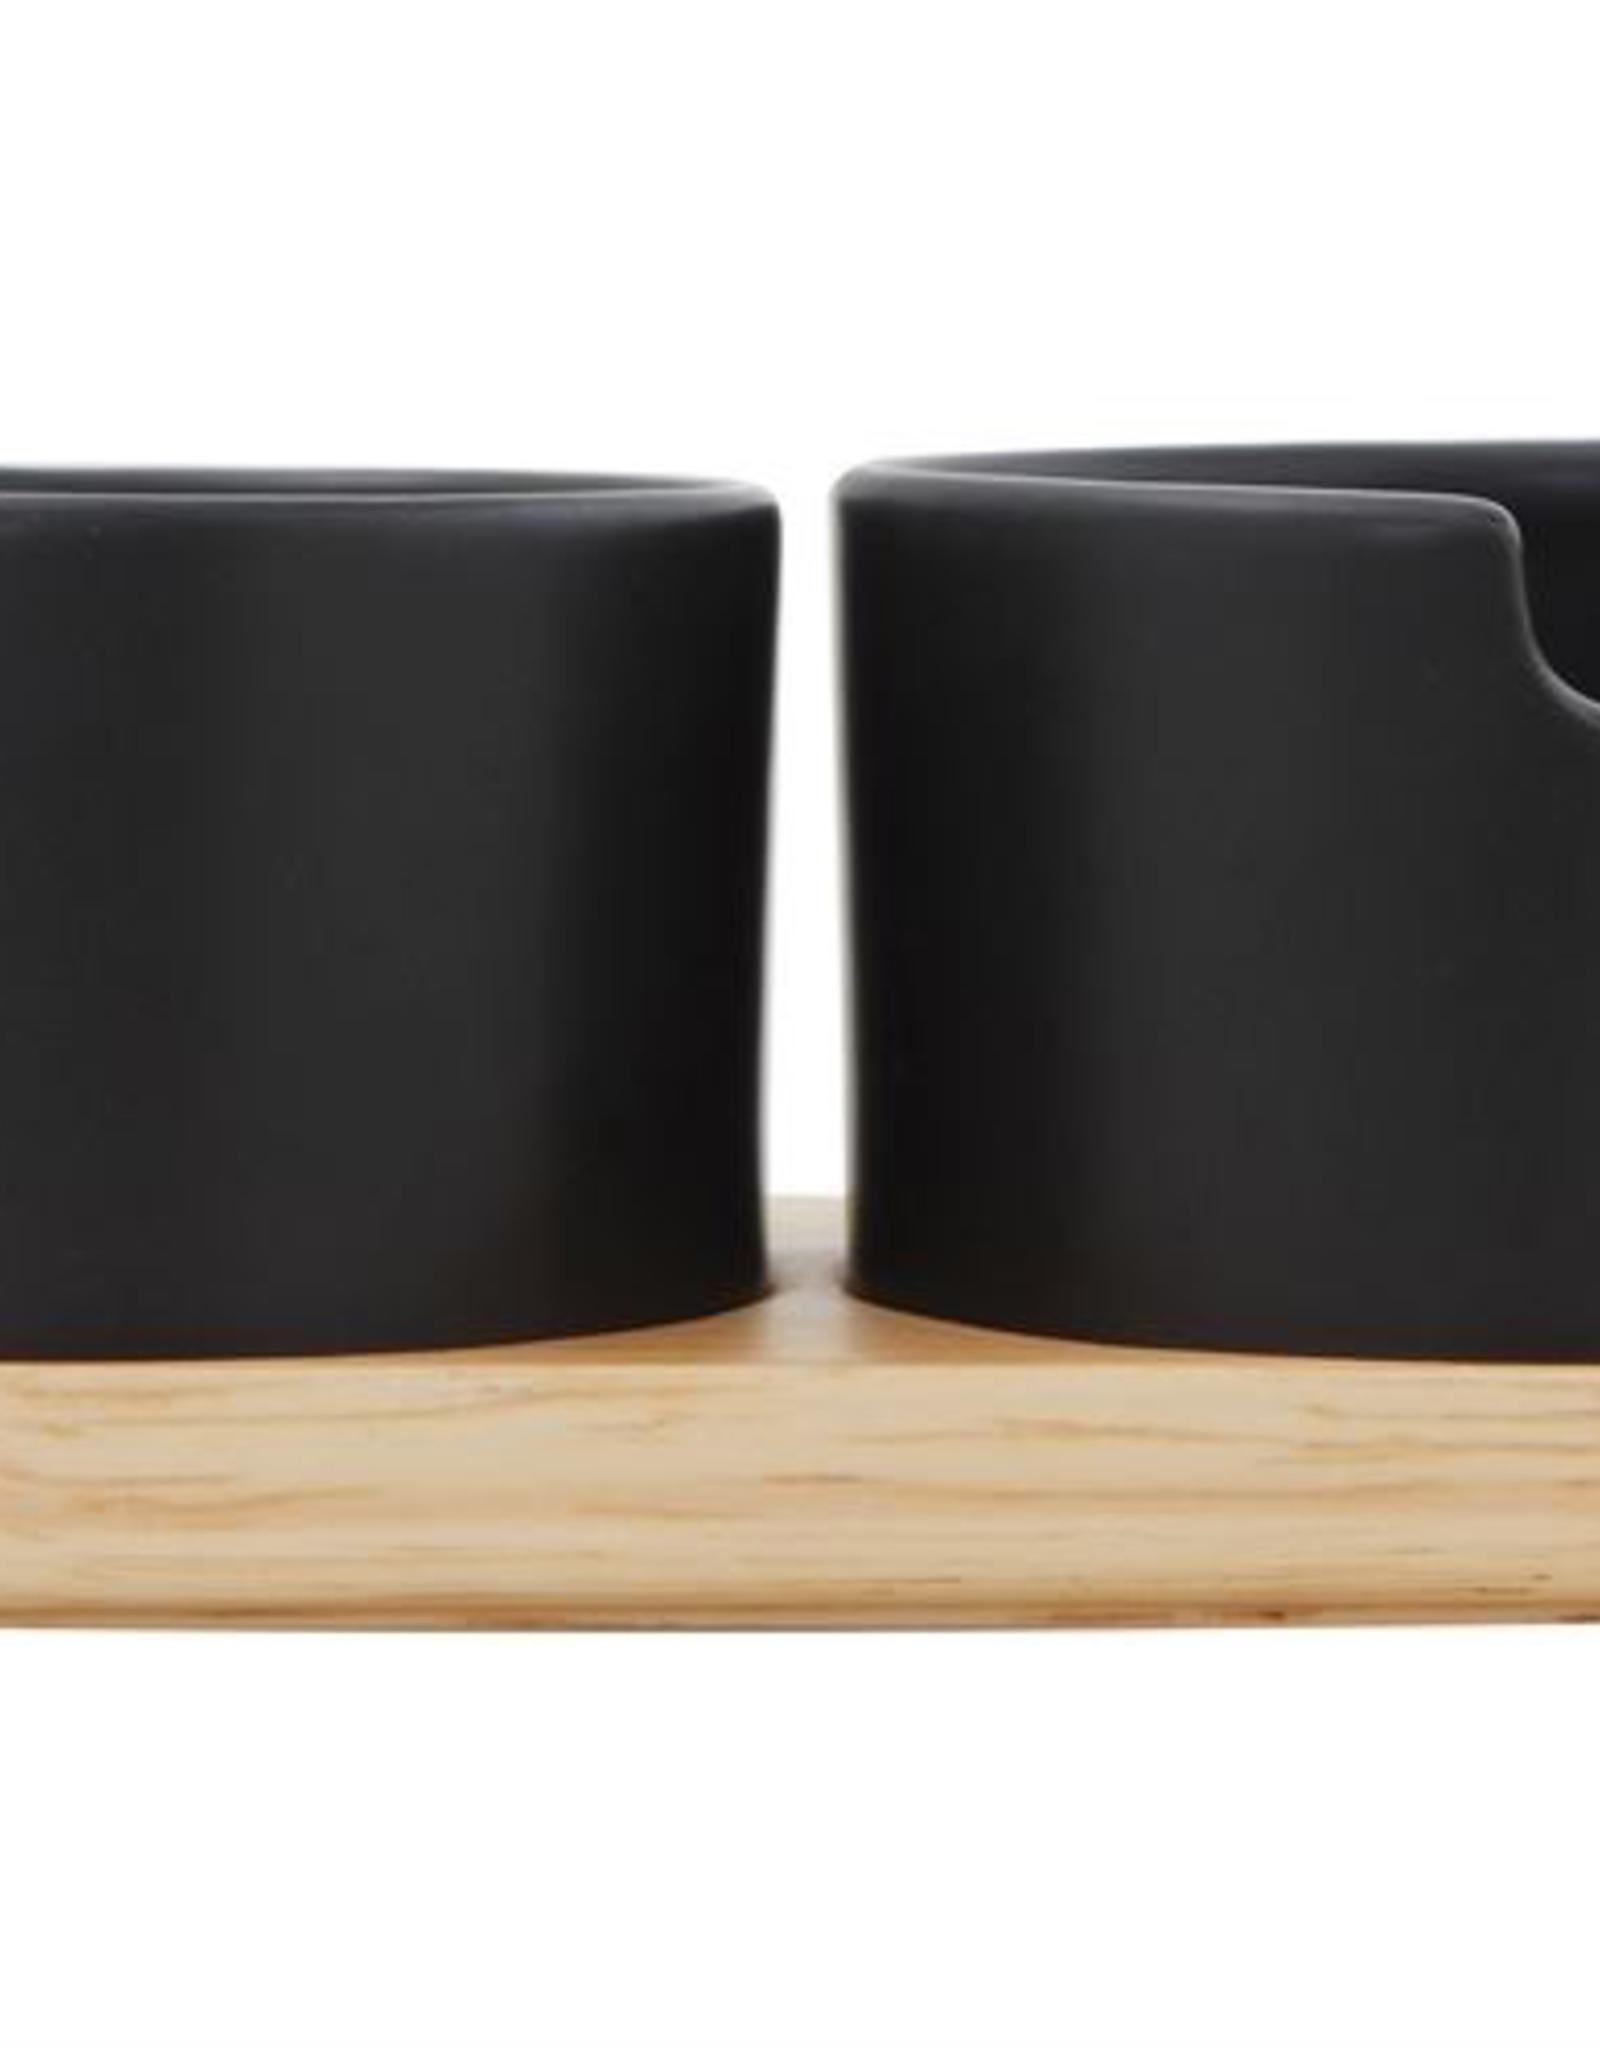 Black Creamer & Sugar with Wood Tray